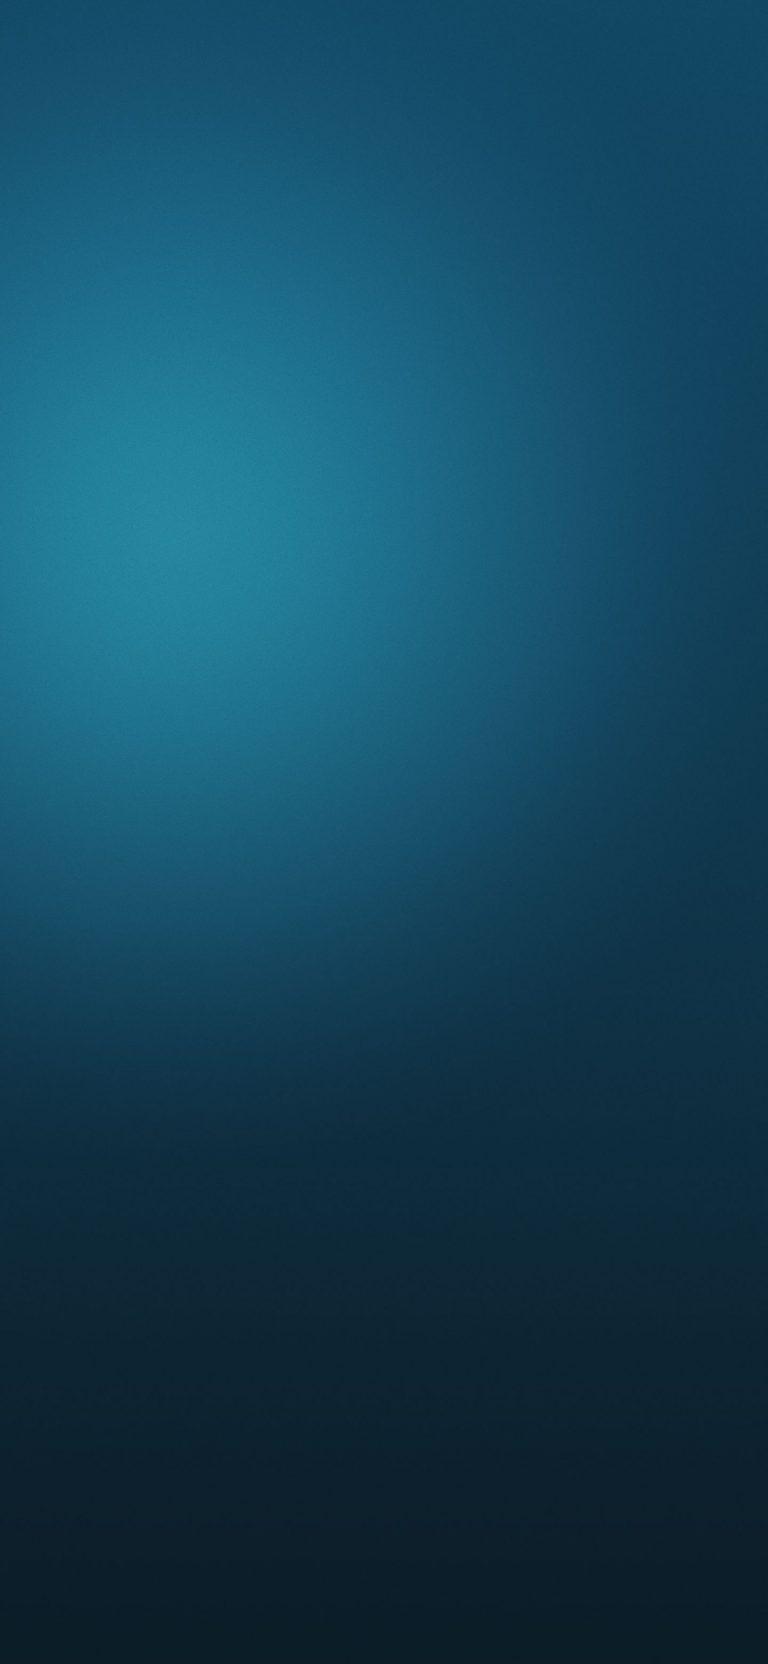 LG G8 ThinQ Stock Wallpaper 16 1440x3120 768x1664